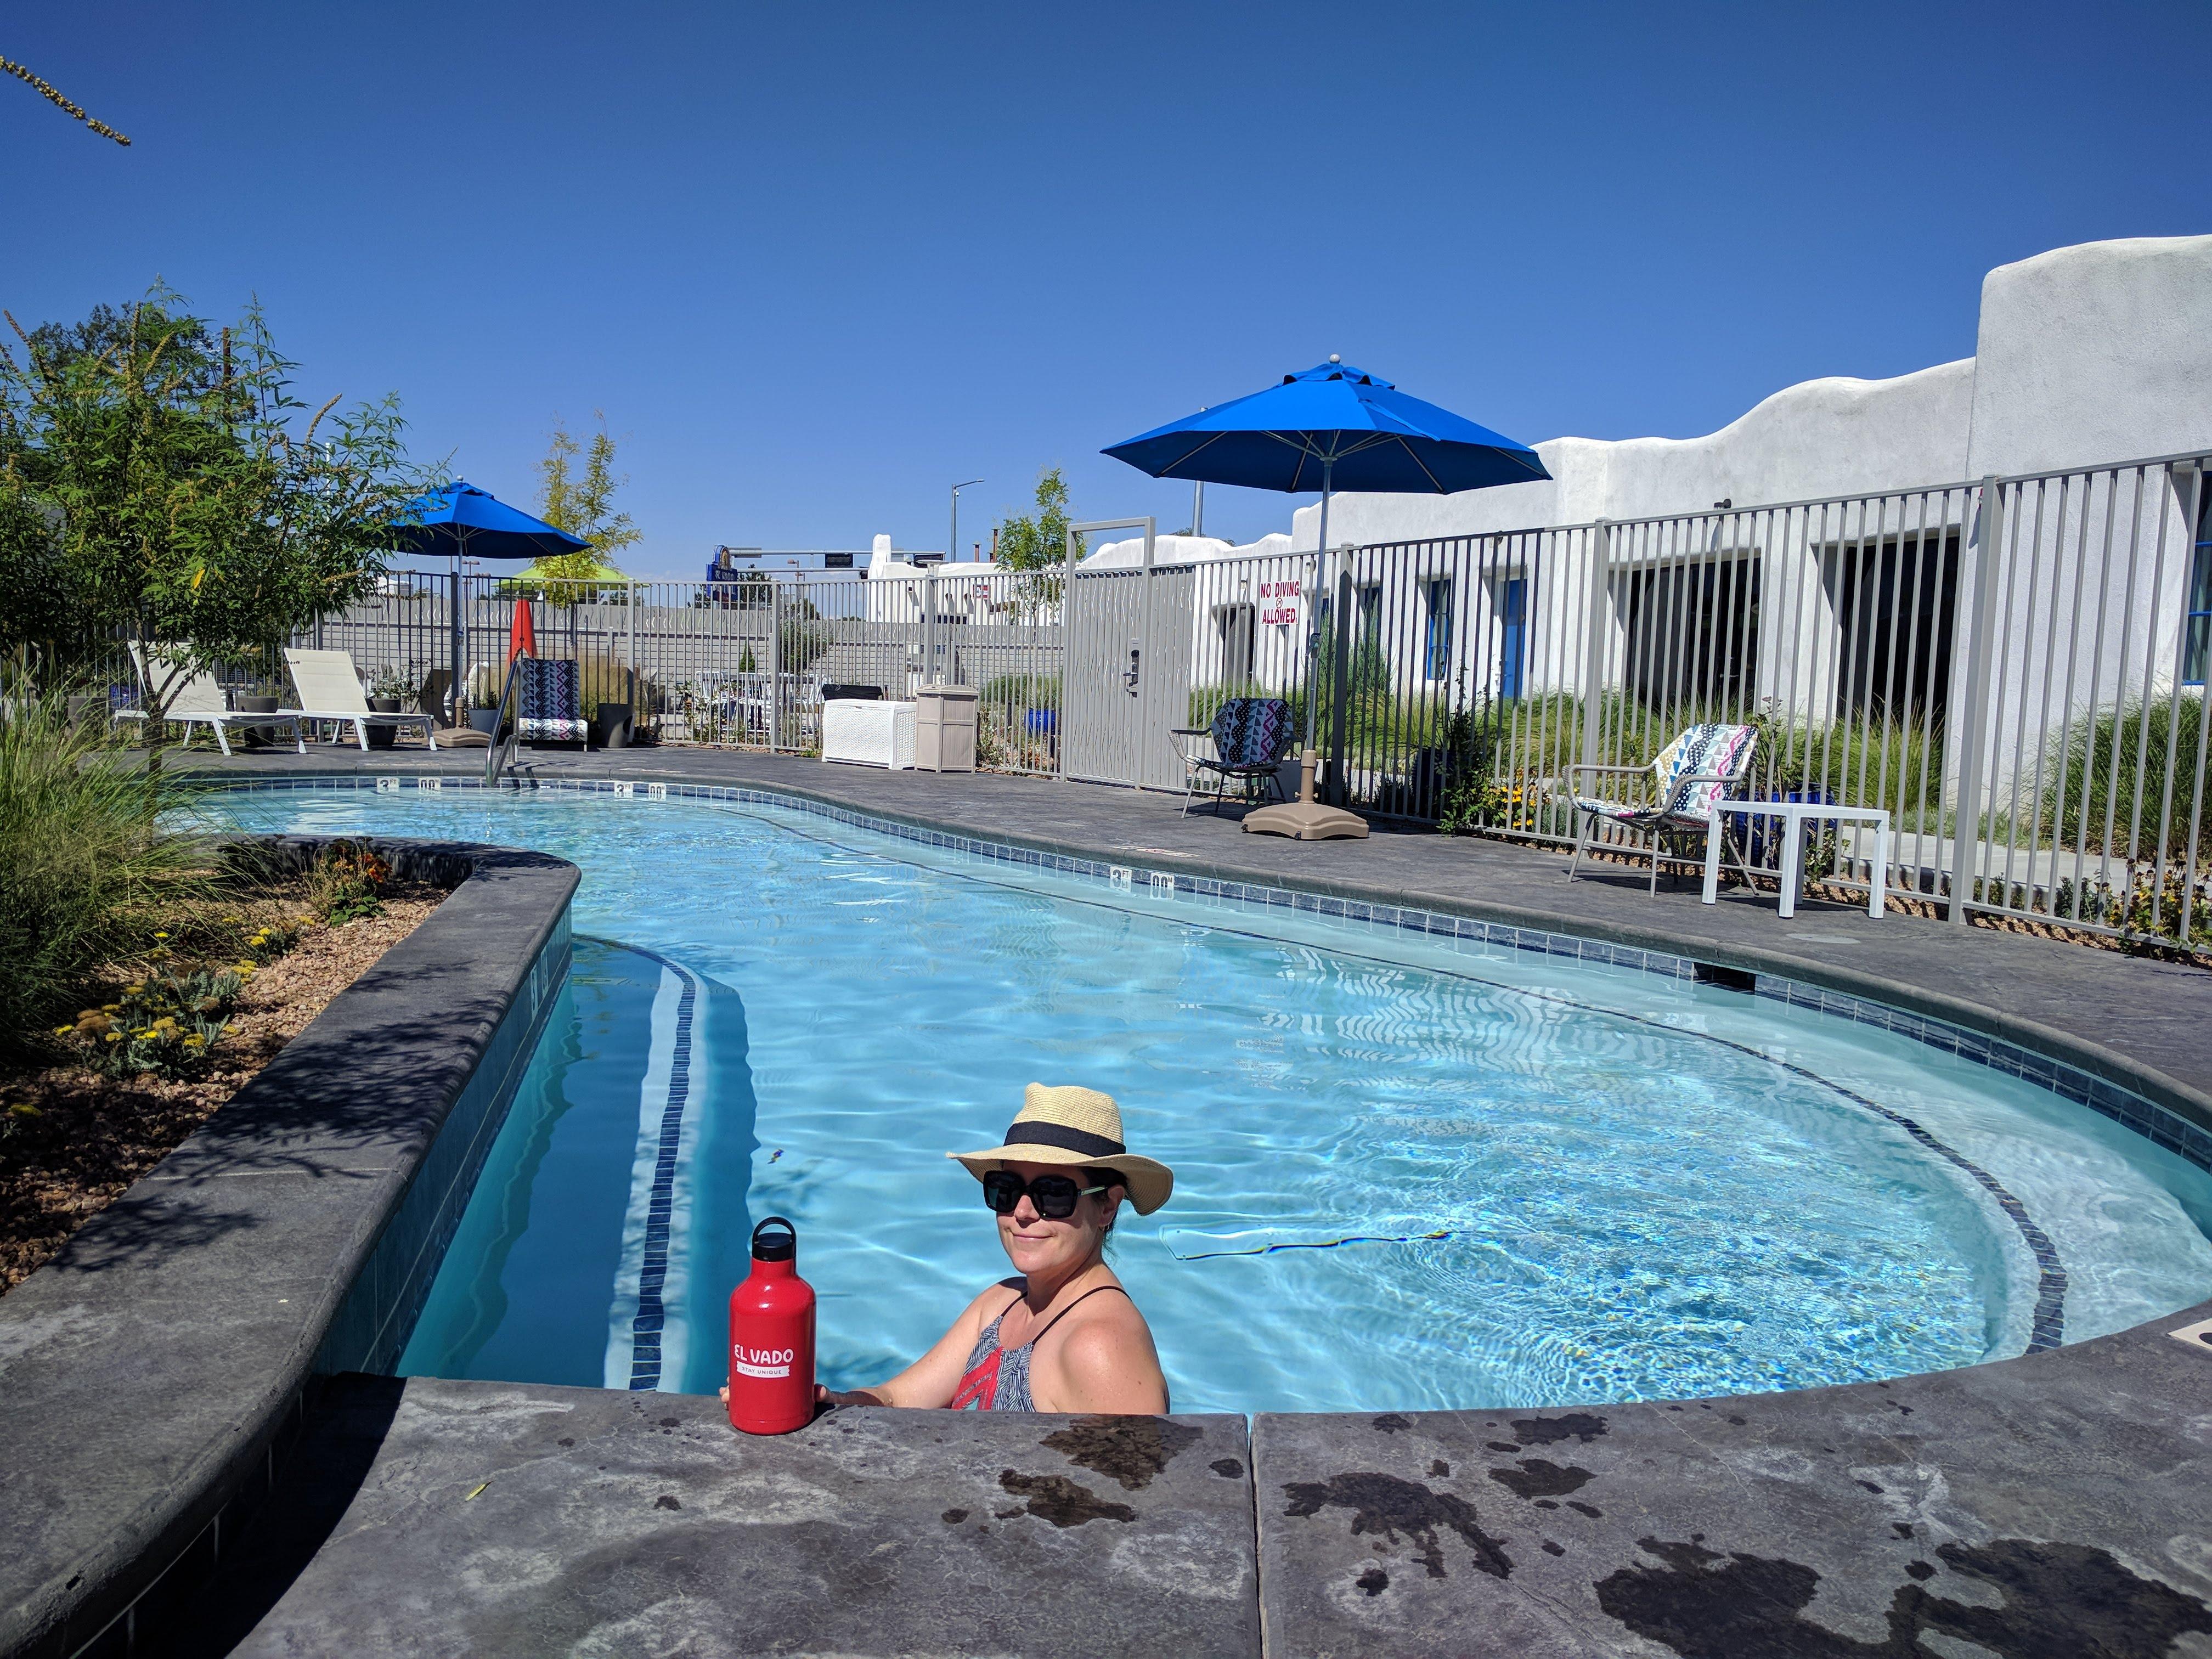 Max in the pool at the El Vado Motel in Albuquerque